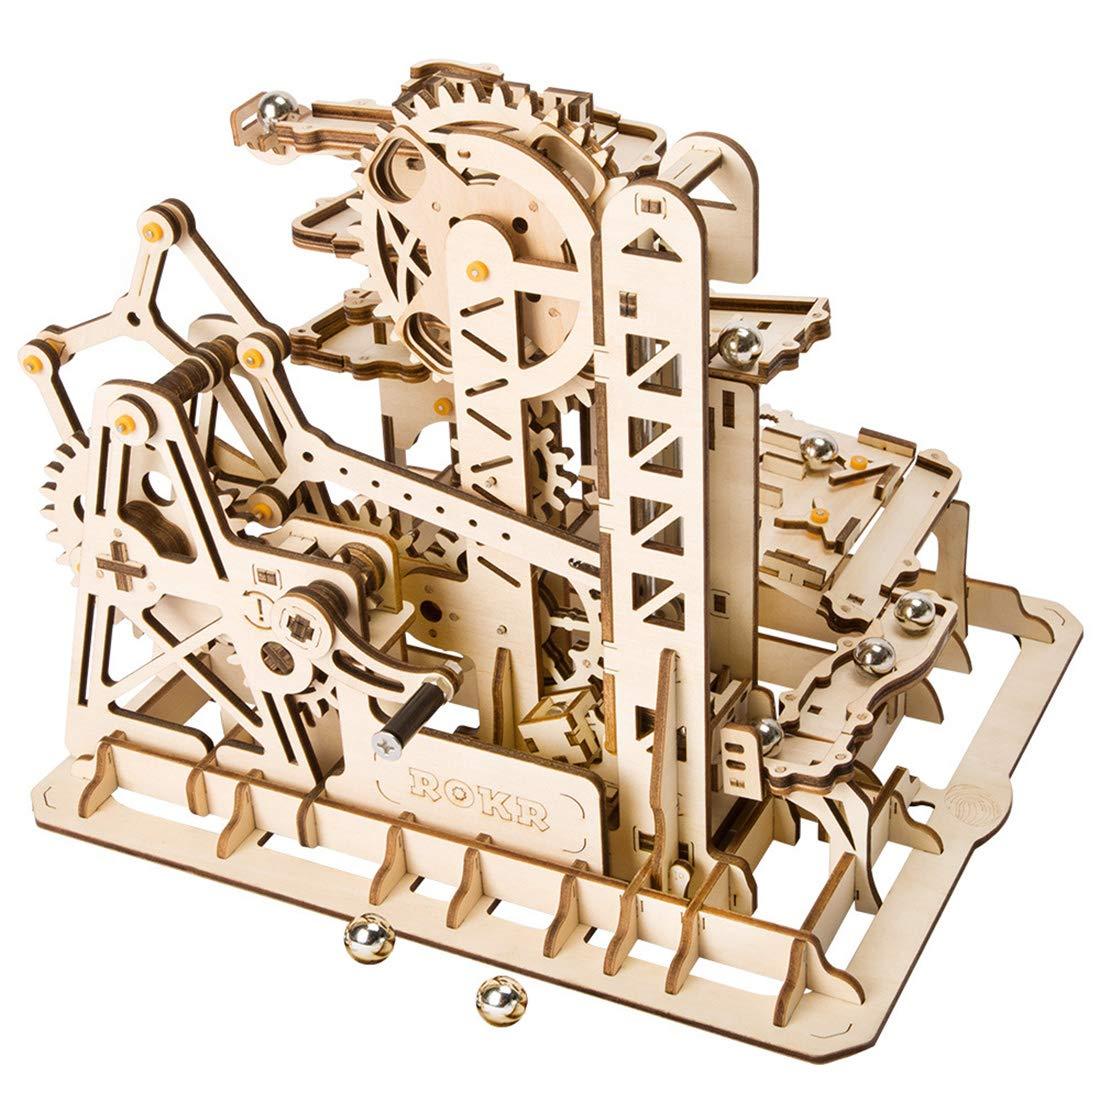 【即出荷】 PeleusTech® ロボットタイム Coaster 3Dパズル 3Dパズル 大人と子供用 B07LF7M9Z7 - 木製STEMキット 学習教育玩具 男の子と女の子へのギフト - 1 Set 0A2QO59Q40FKB14D 1 Set Tower Coaster B07LF7M9Z7, SQueeze SQuare:181d2c93 --- a0267596.xsph.ru